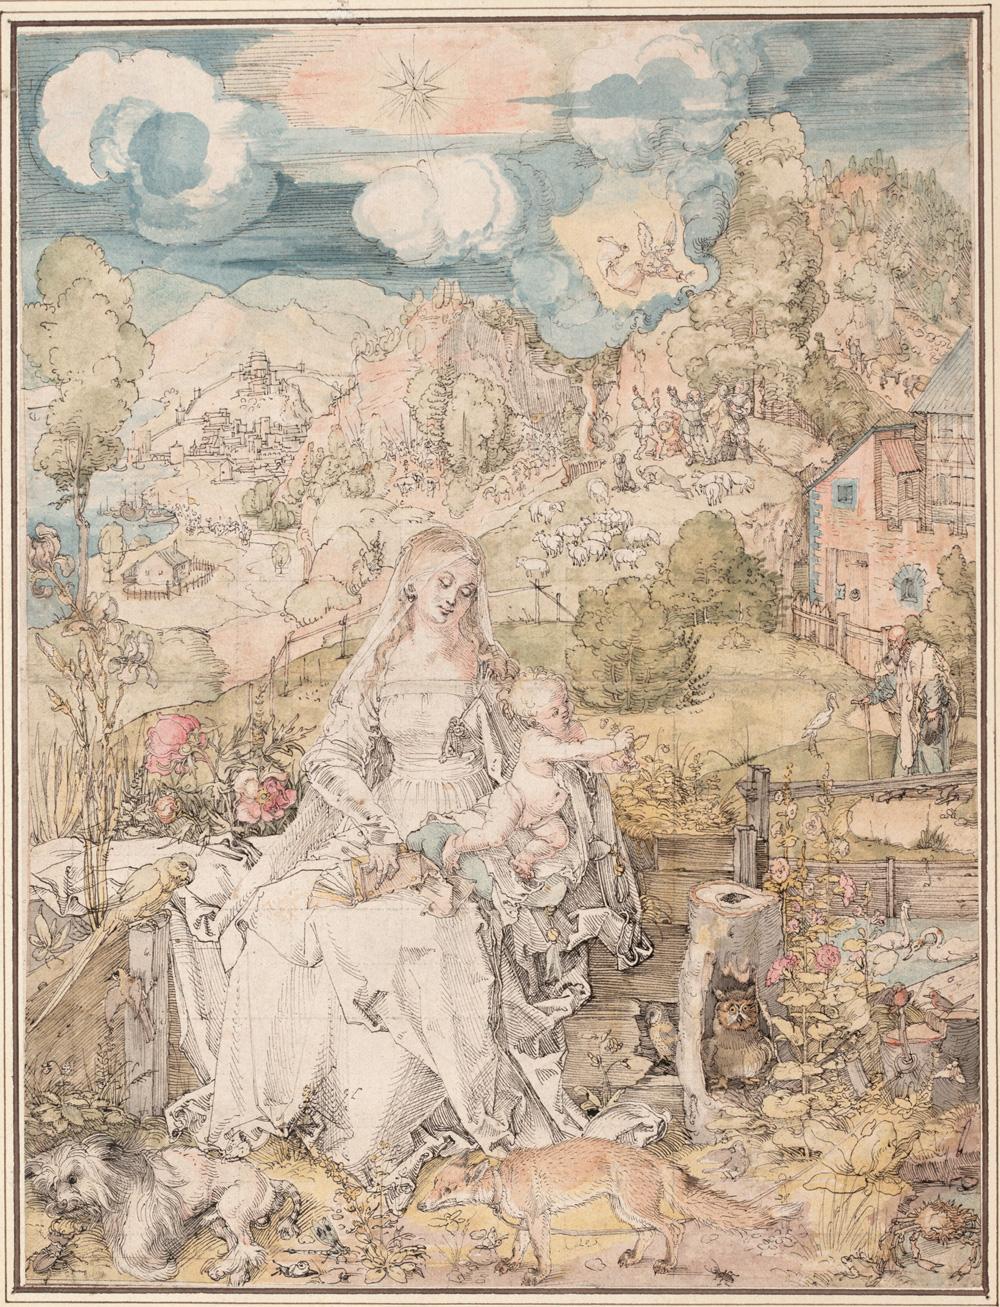 Albrecht Durer, Maria mit den vielen Tieren, um 1503, Feder in Schwarzbraun, Aquarell, feiner Raster in schwarzer Kreide, -, Grafische Sammlung der Albertina, Wien